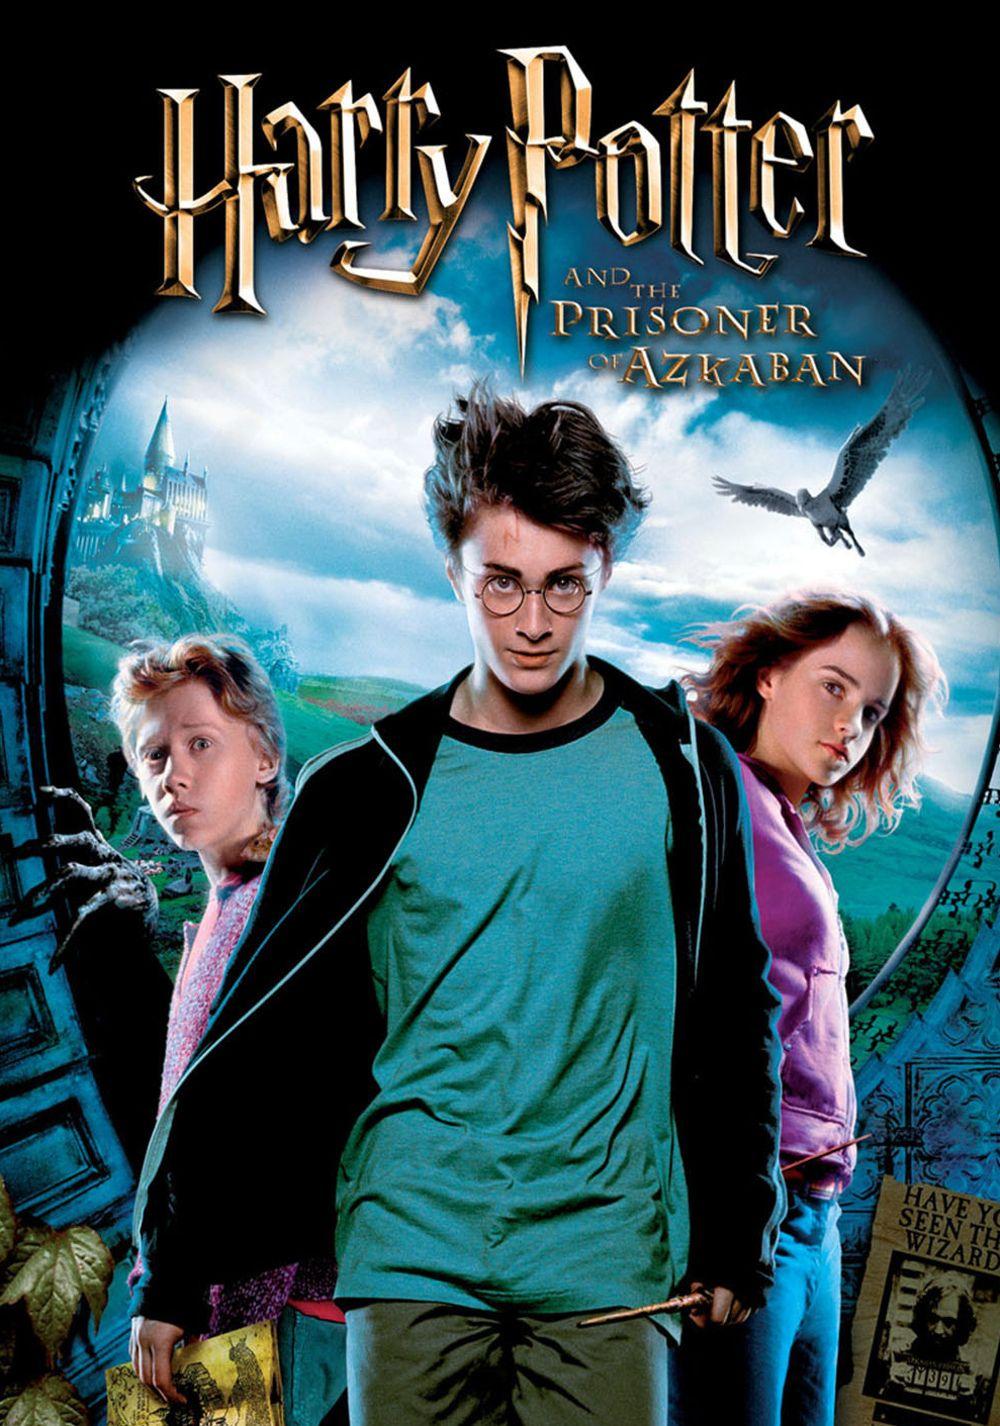 Harry Potter And The Prisoner Of Azkaban 2004 Prisoner Of Azkaban Harry Potter Movies The Prisoner Of Azkaban